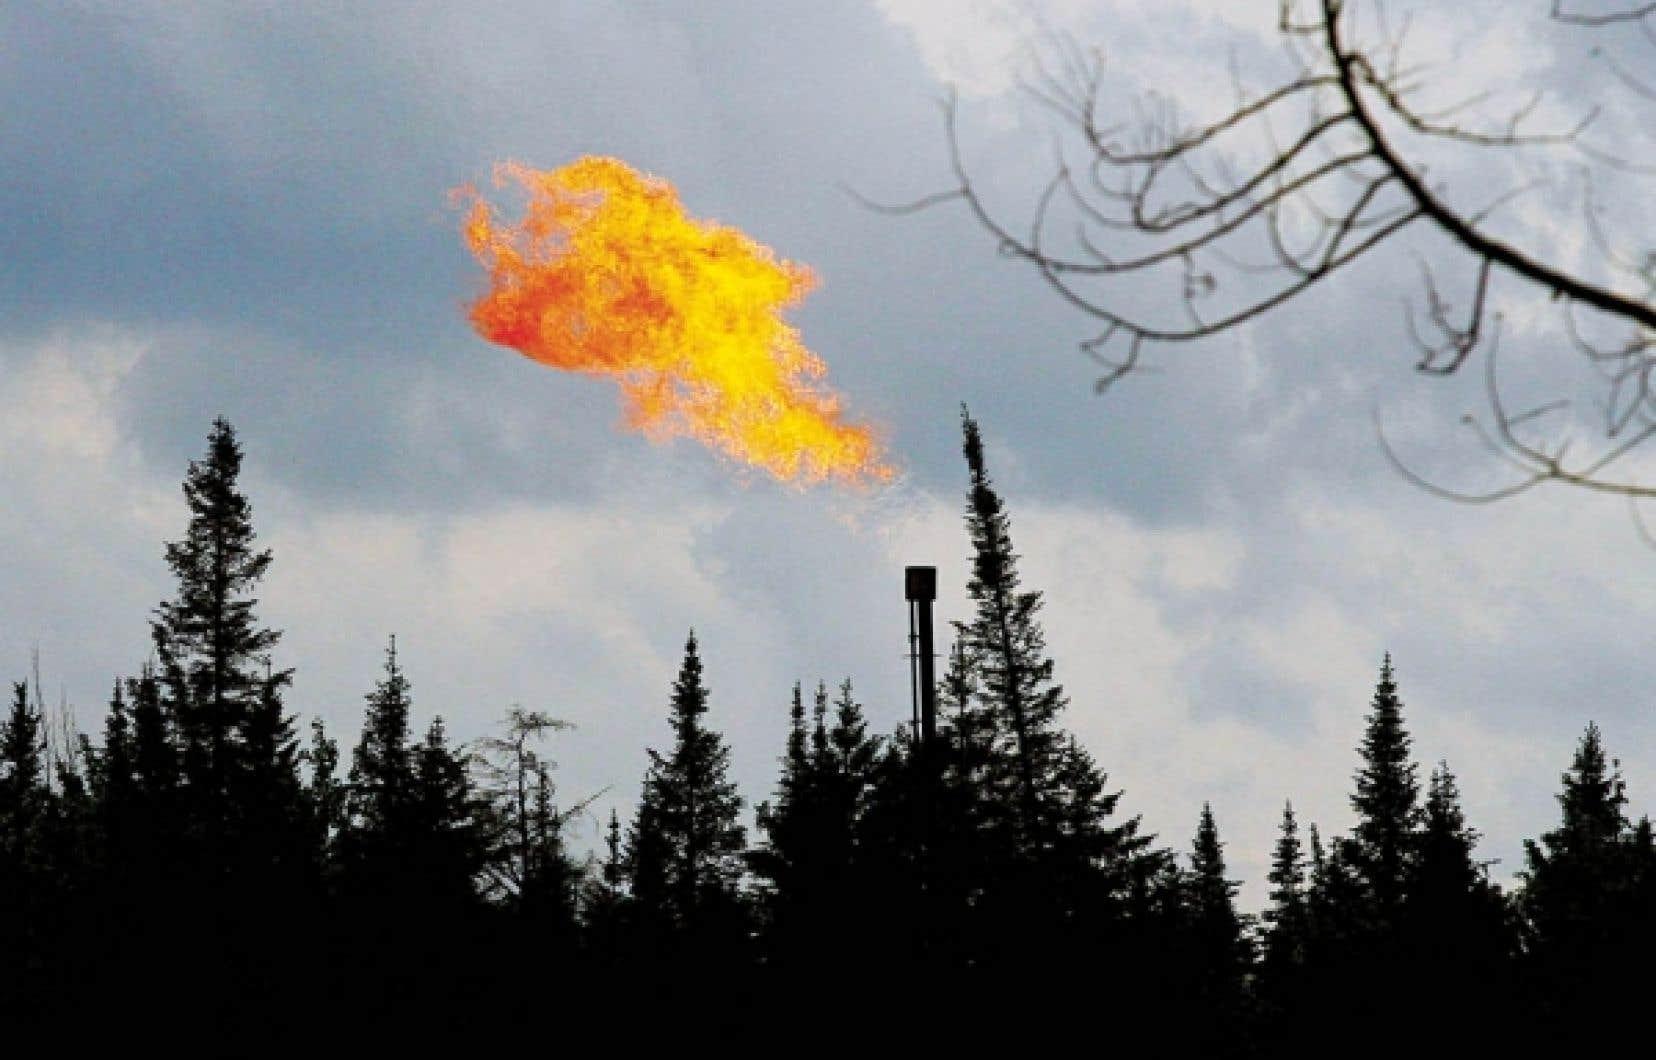 En l'absence d'études rigoureuses et validées, l'exploitation du gaz de schiste correspond à une vaste expérimentation aux dépens des citoyens et des écosystèmes.<br />